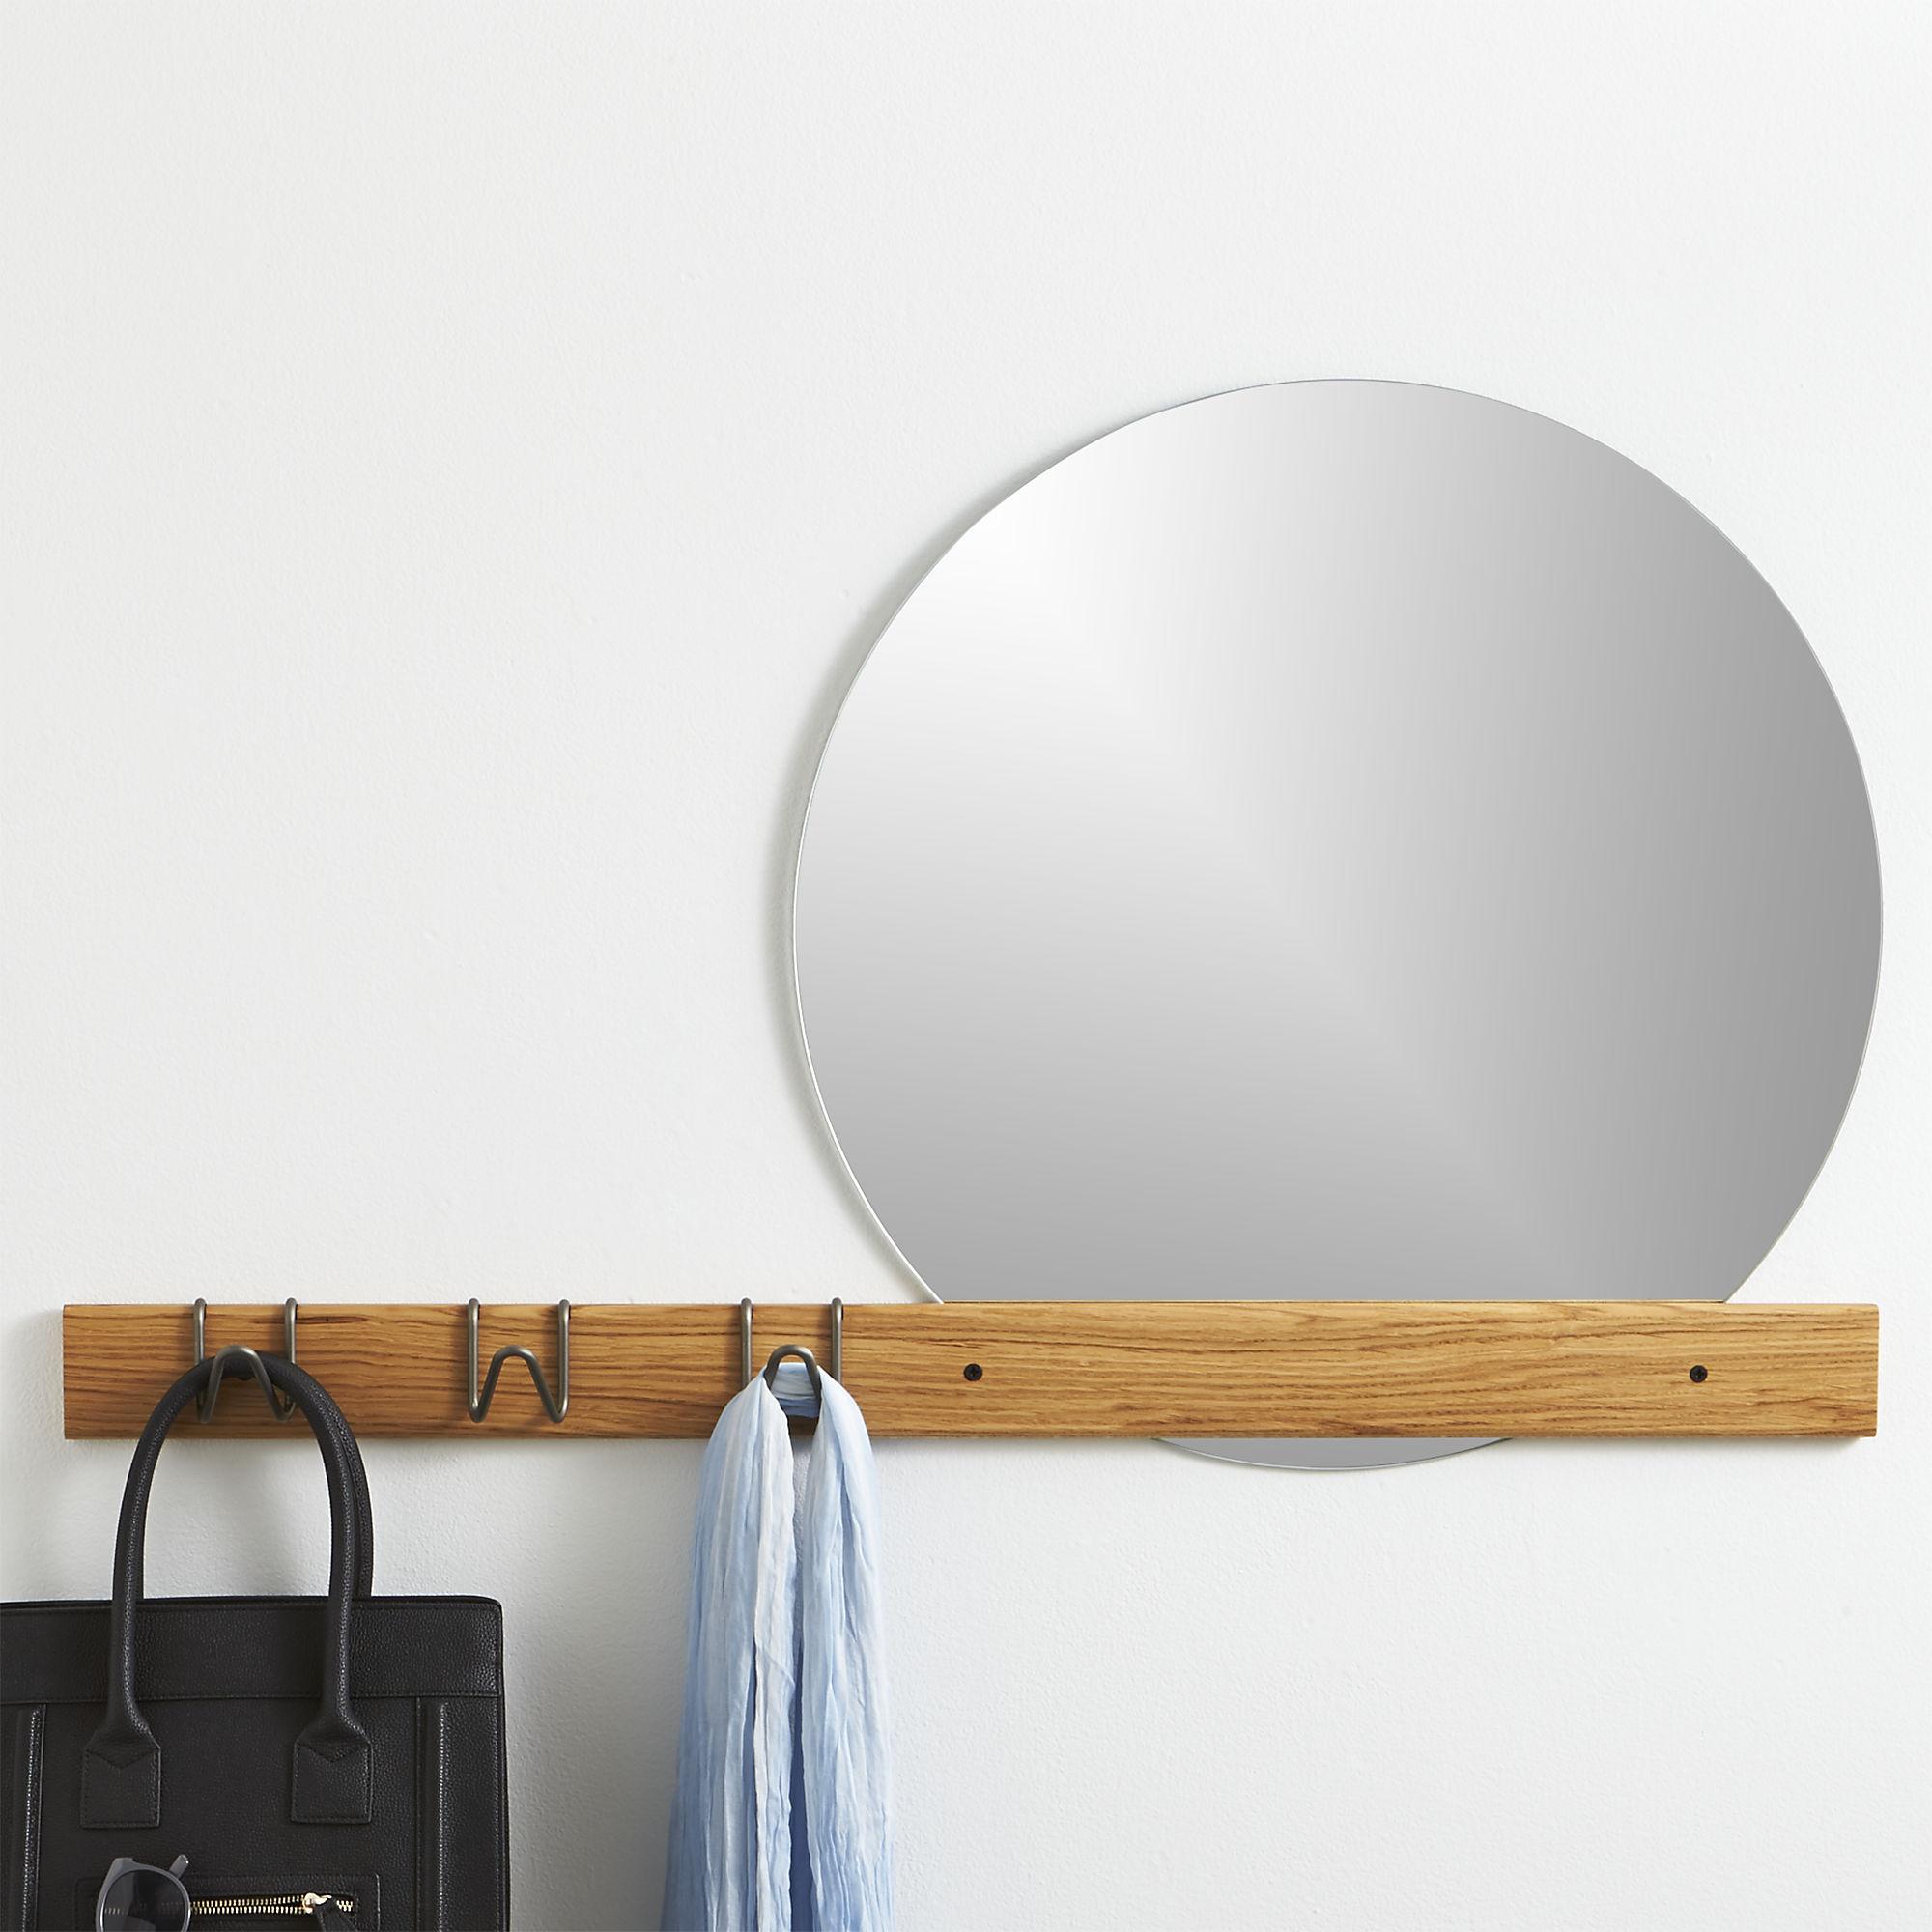 Kapstok en spiegel voor een kleine ruimte inspiraties - Spiegel voor ingang ...